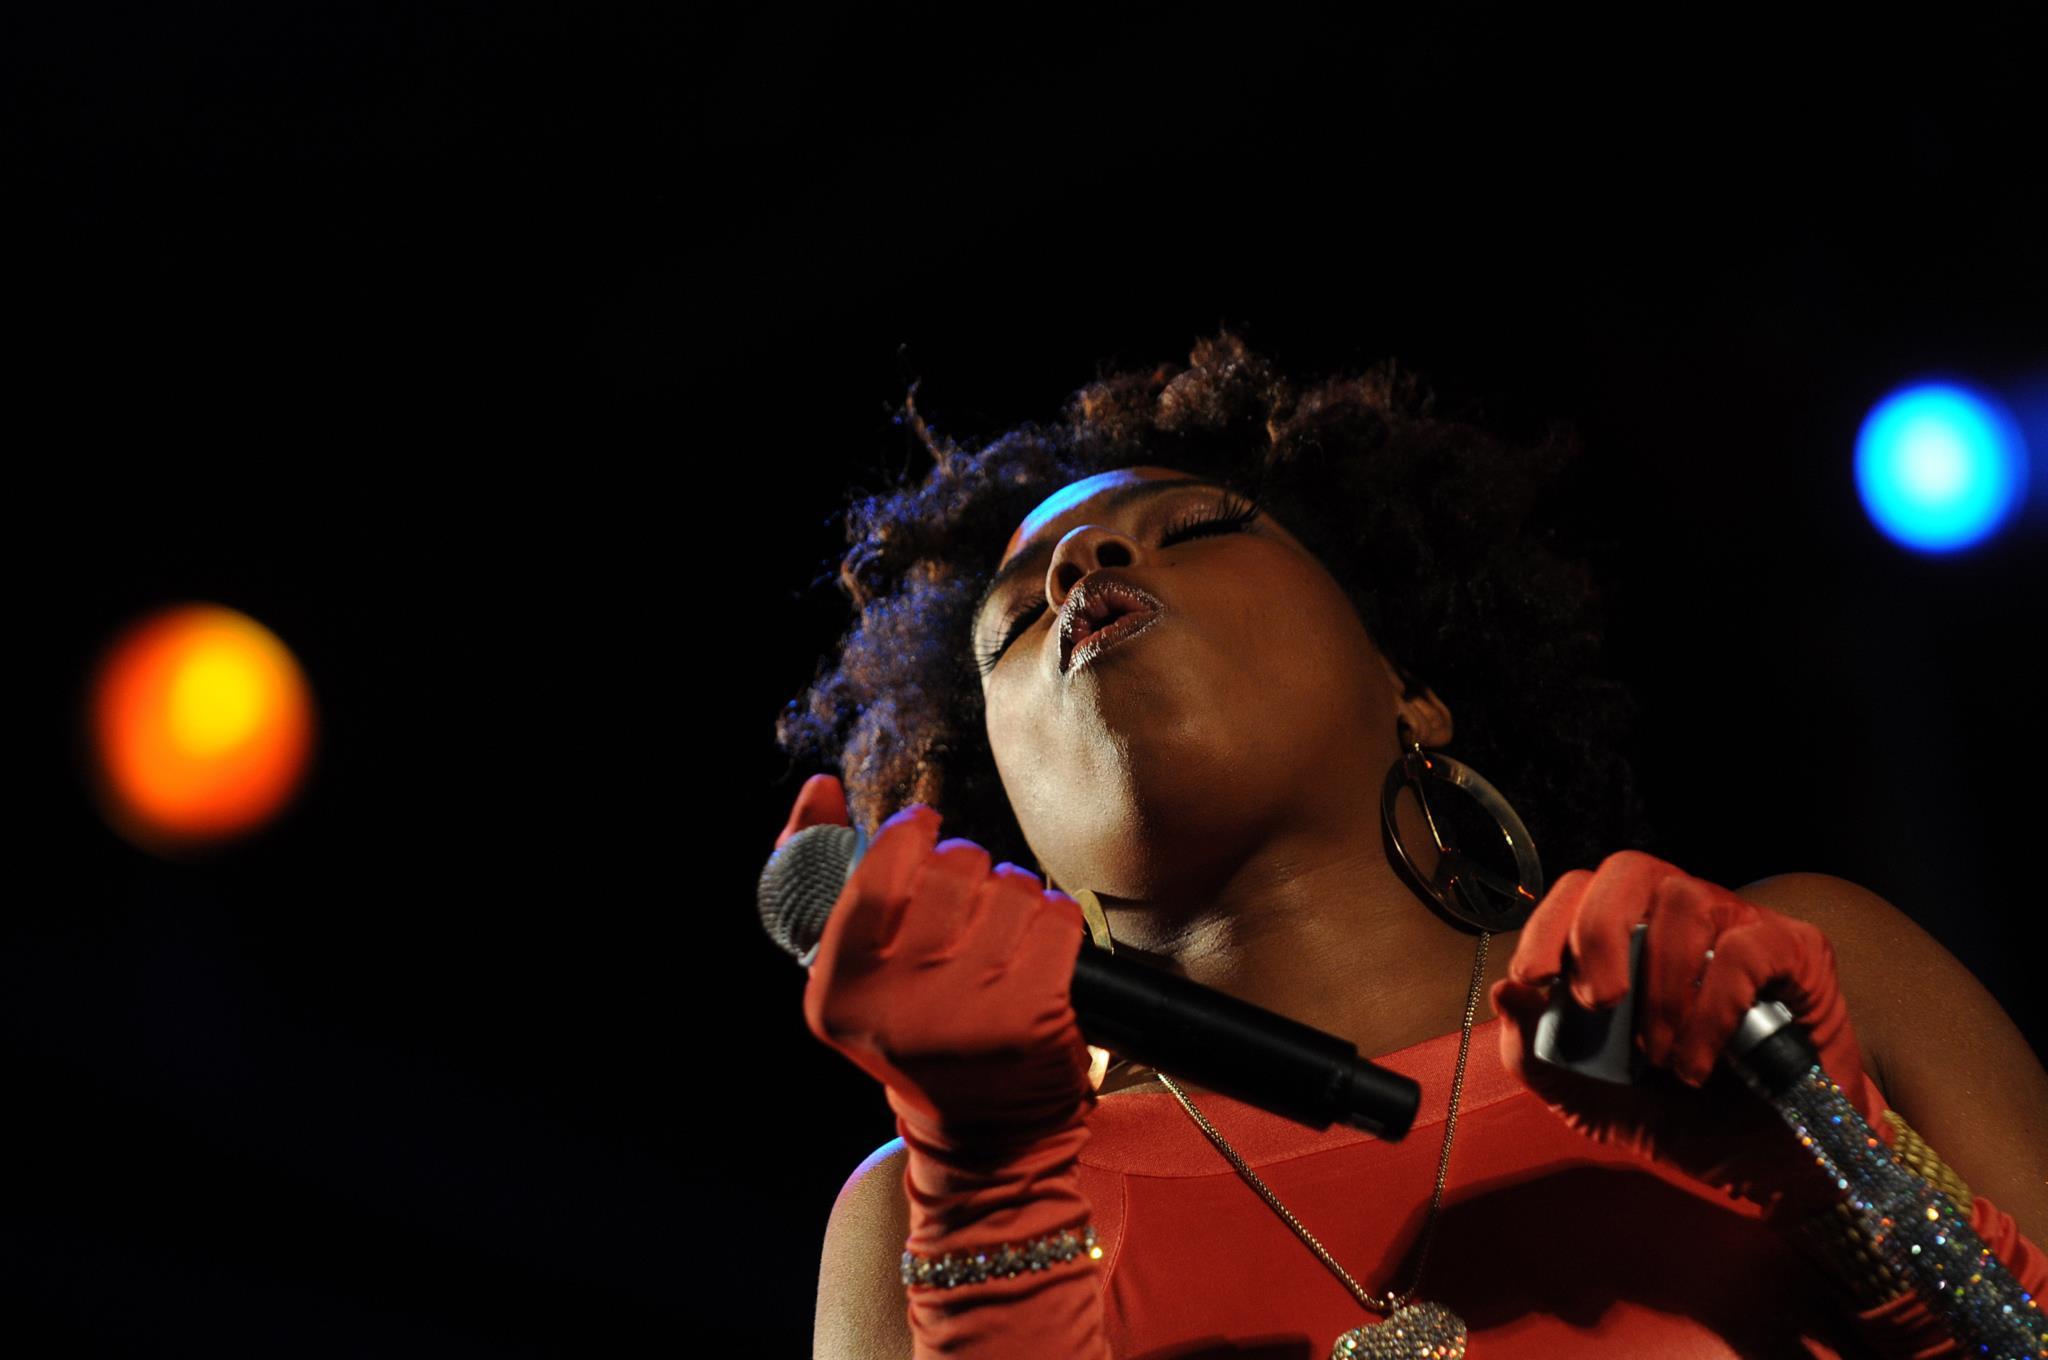 PÚBLICO - Há jazz, música para a Páscoa e momentos de revolução na Casa da Música